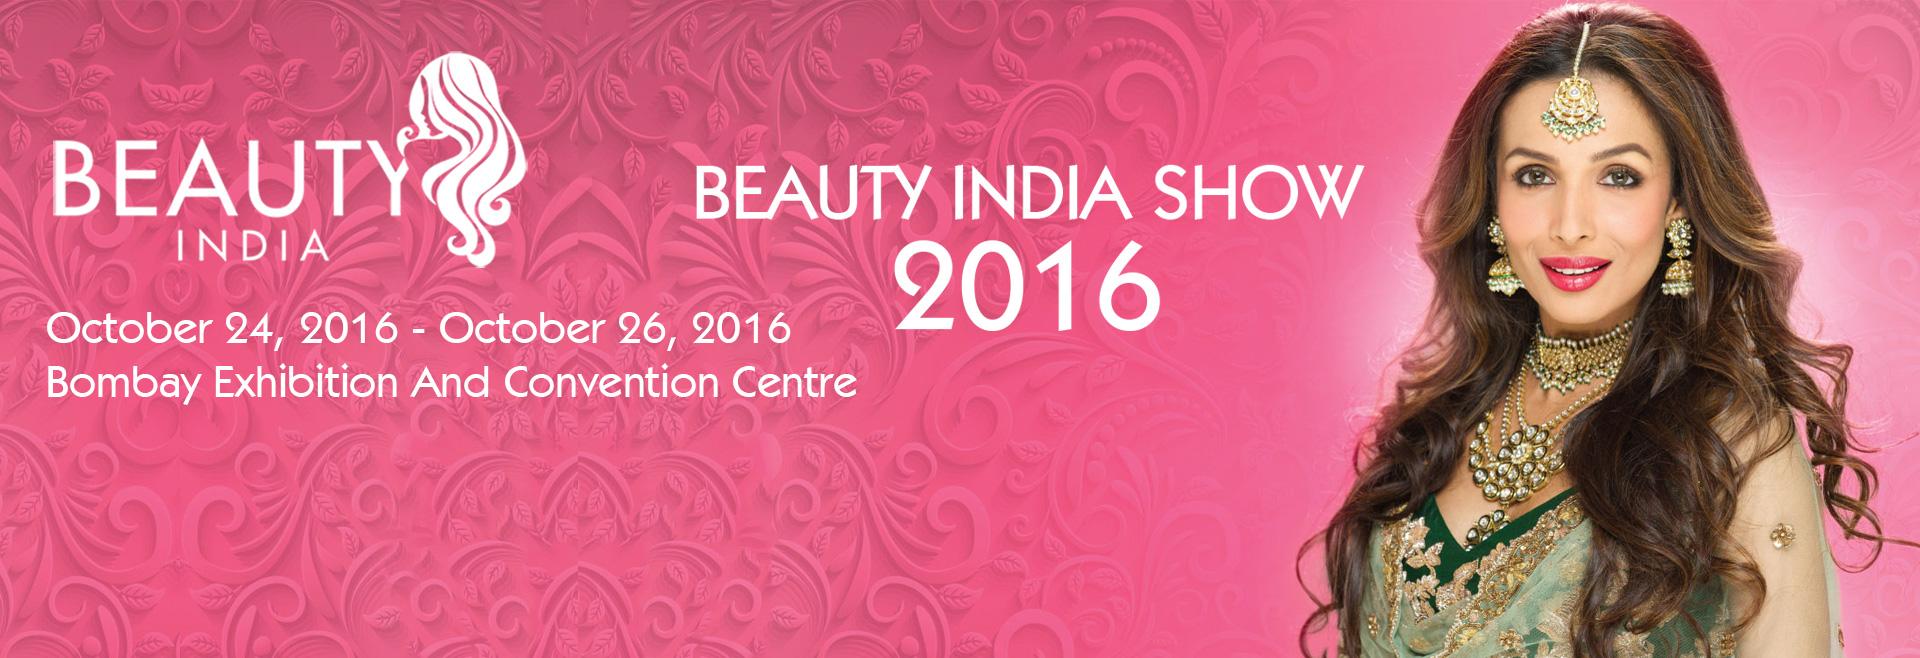 Beauty India Show 2016